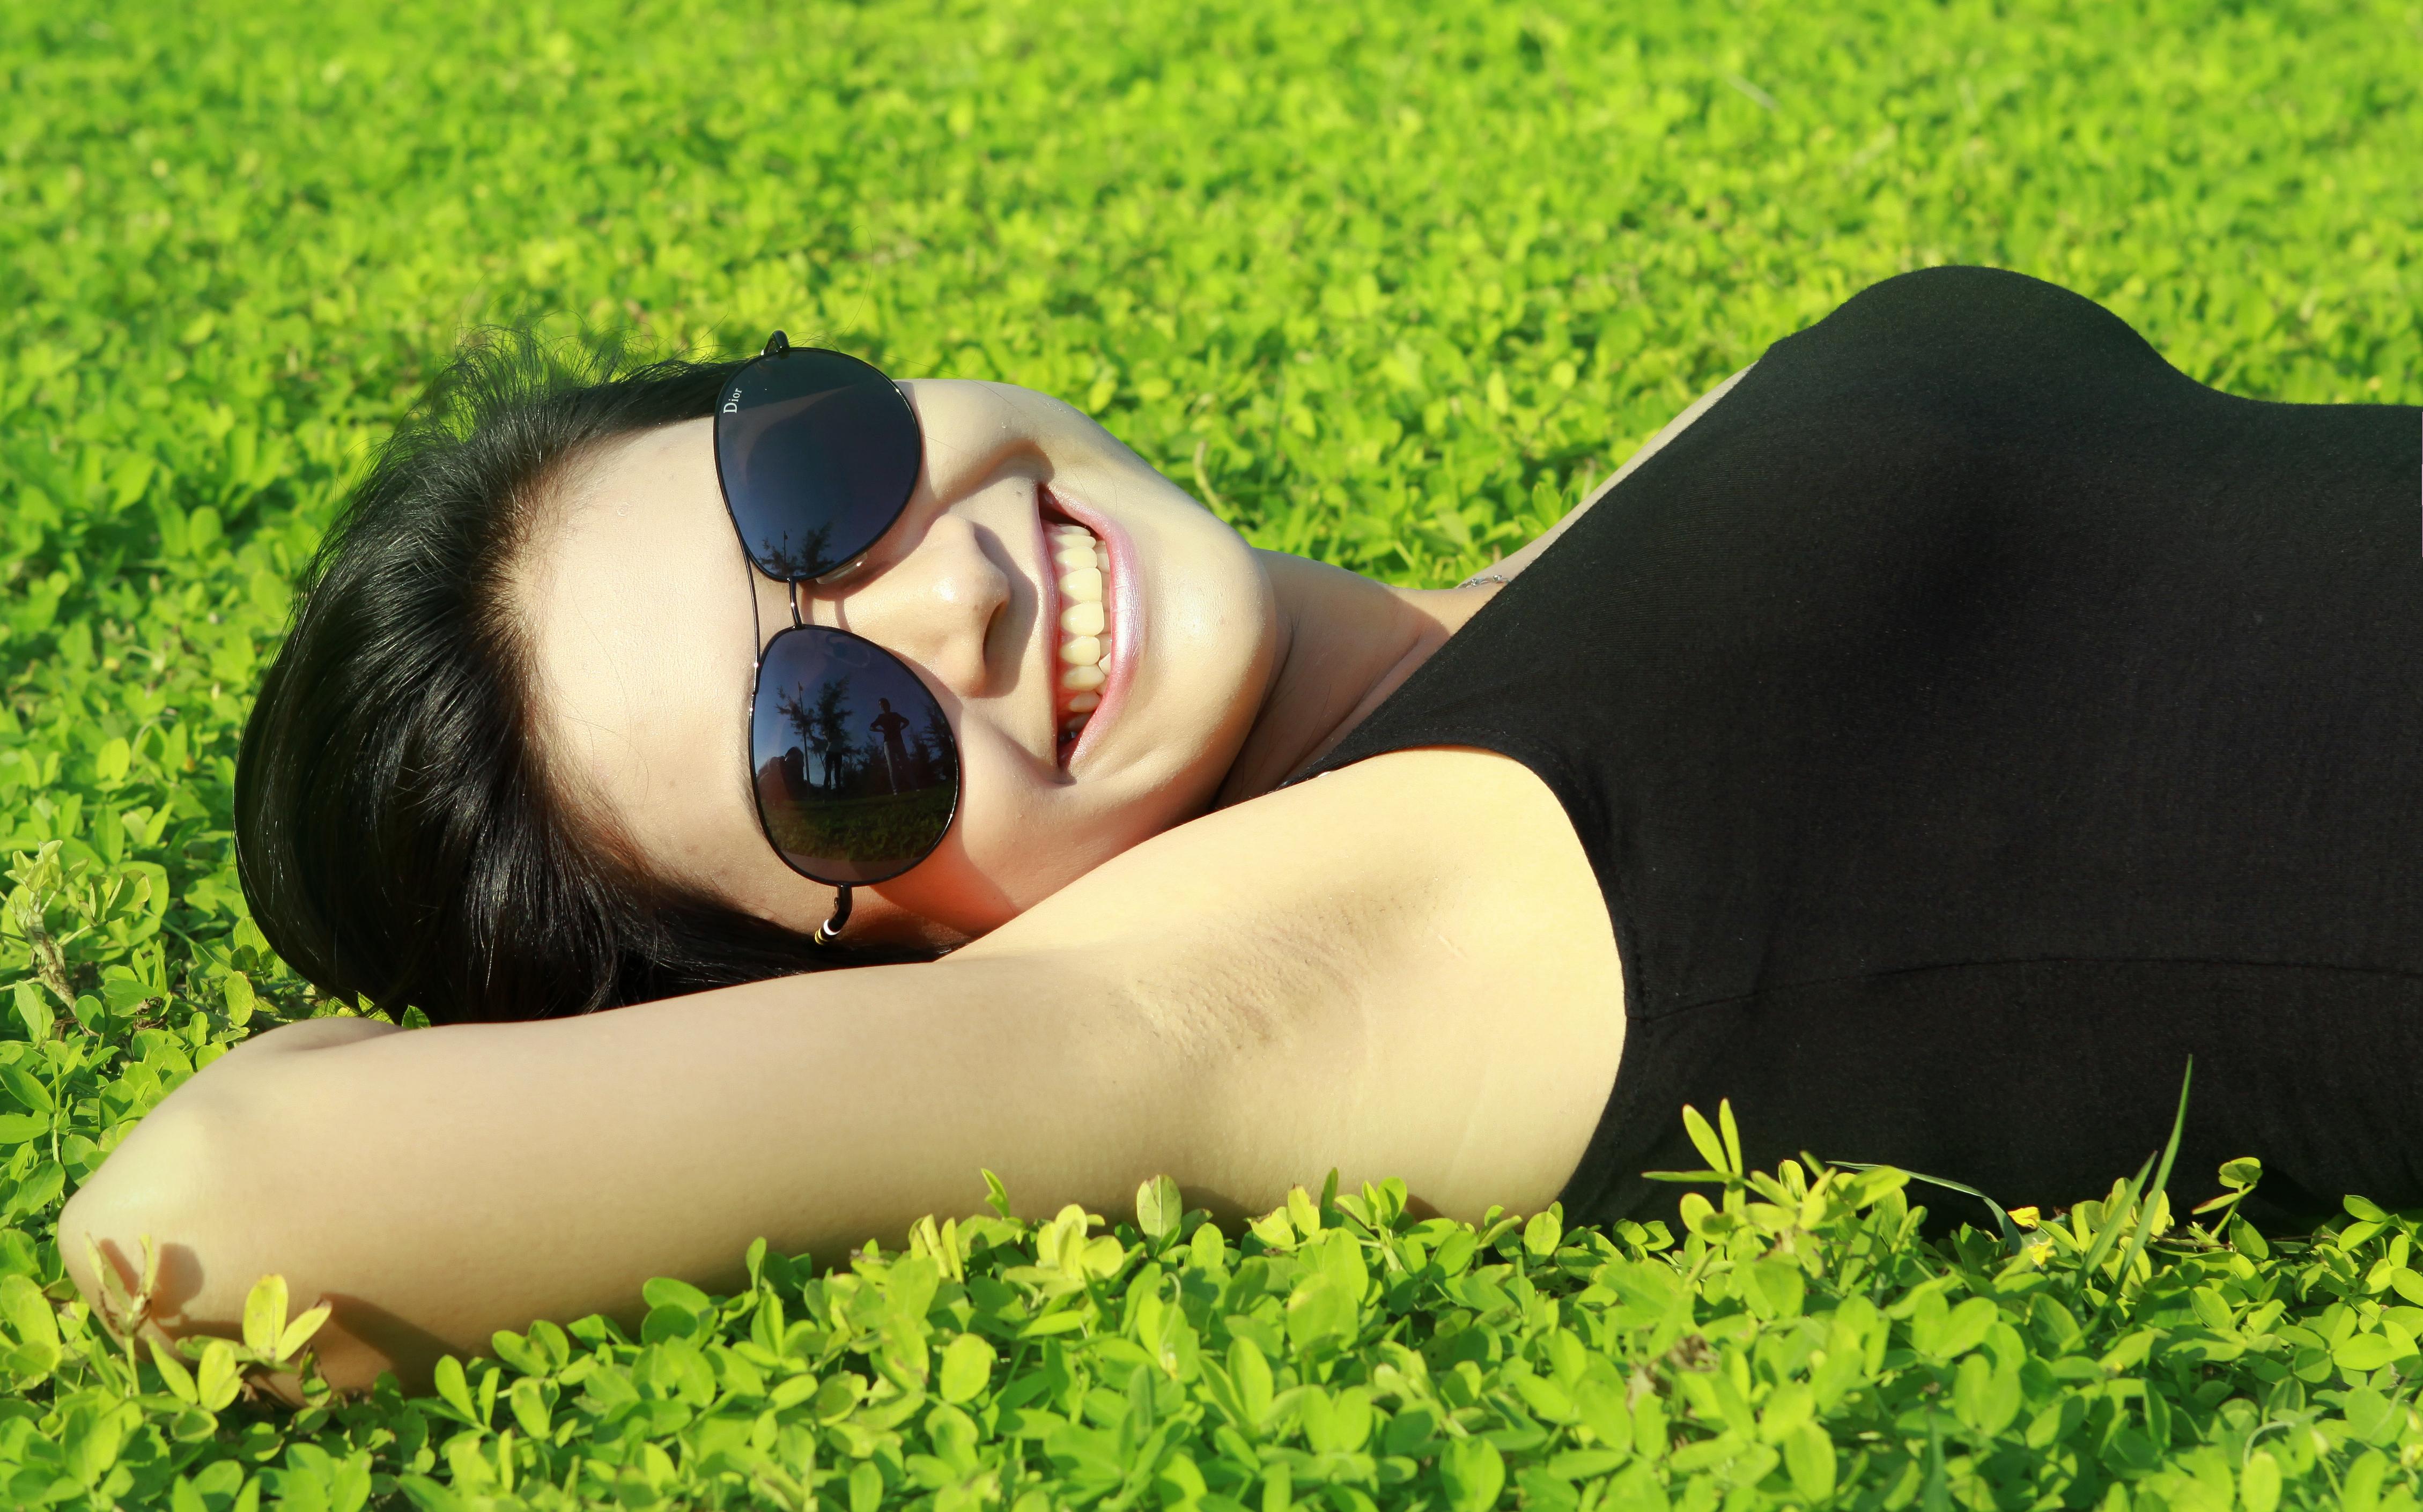 Chica acostada en el jardin - 4518x2820